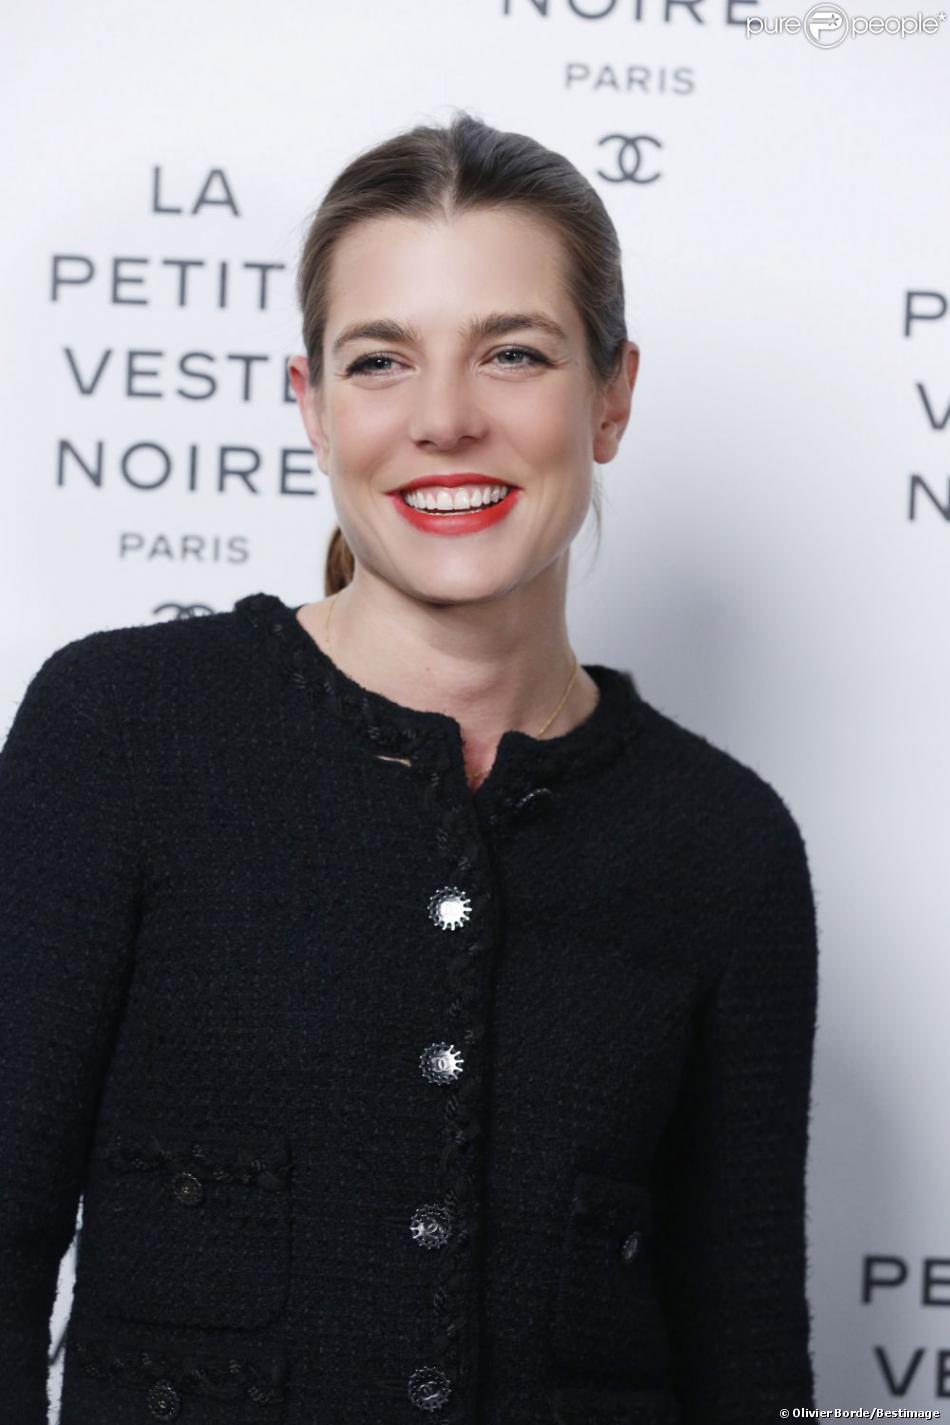 Charlotte Casiraghi arrive à la soirée Chanel pour l'exposition La Petite Veste Noire le 8 novembre 2012 à Paris.